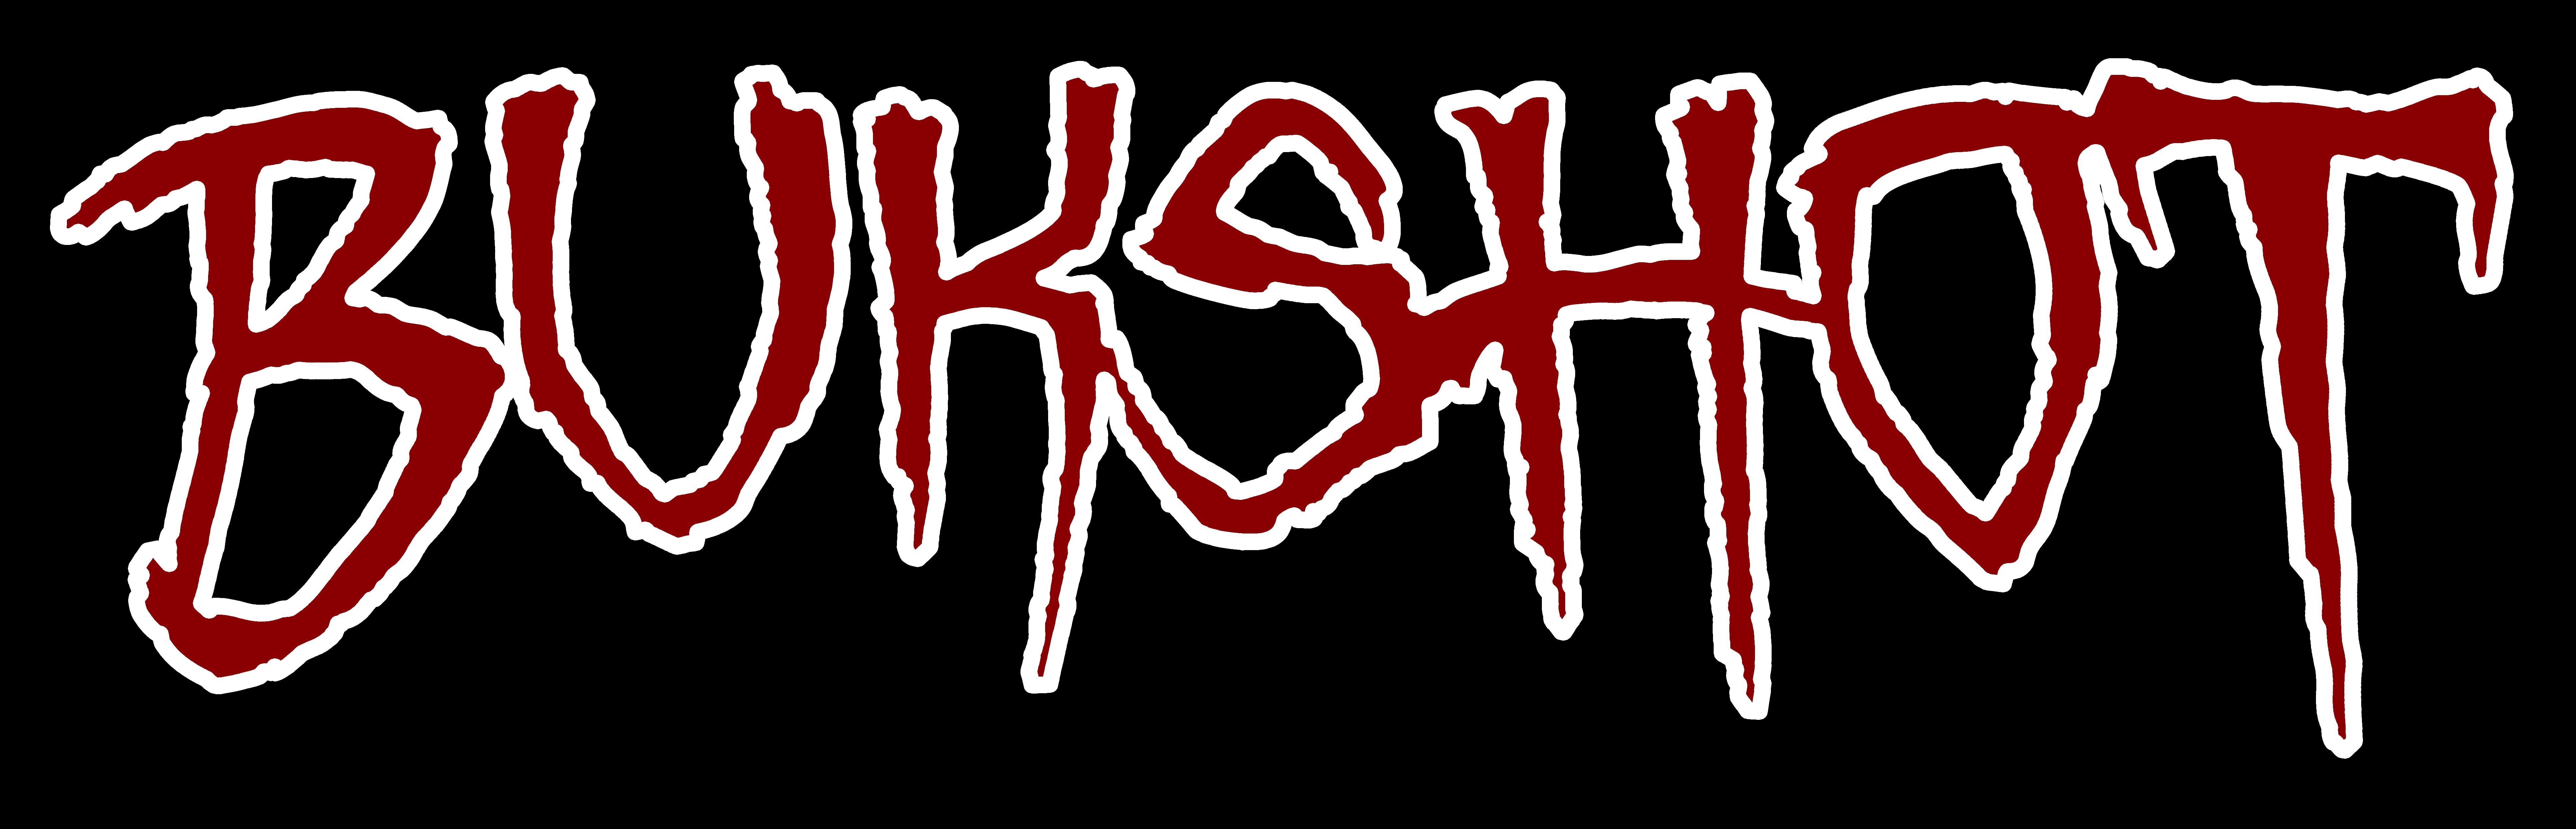 Bukshot Patch